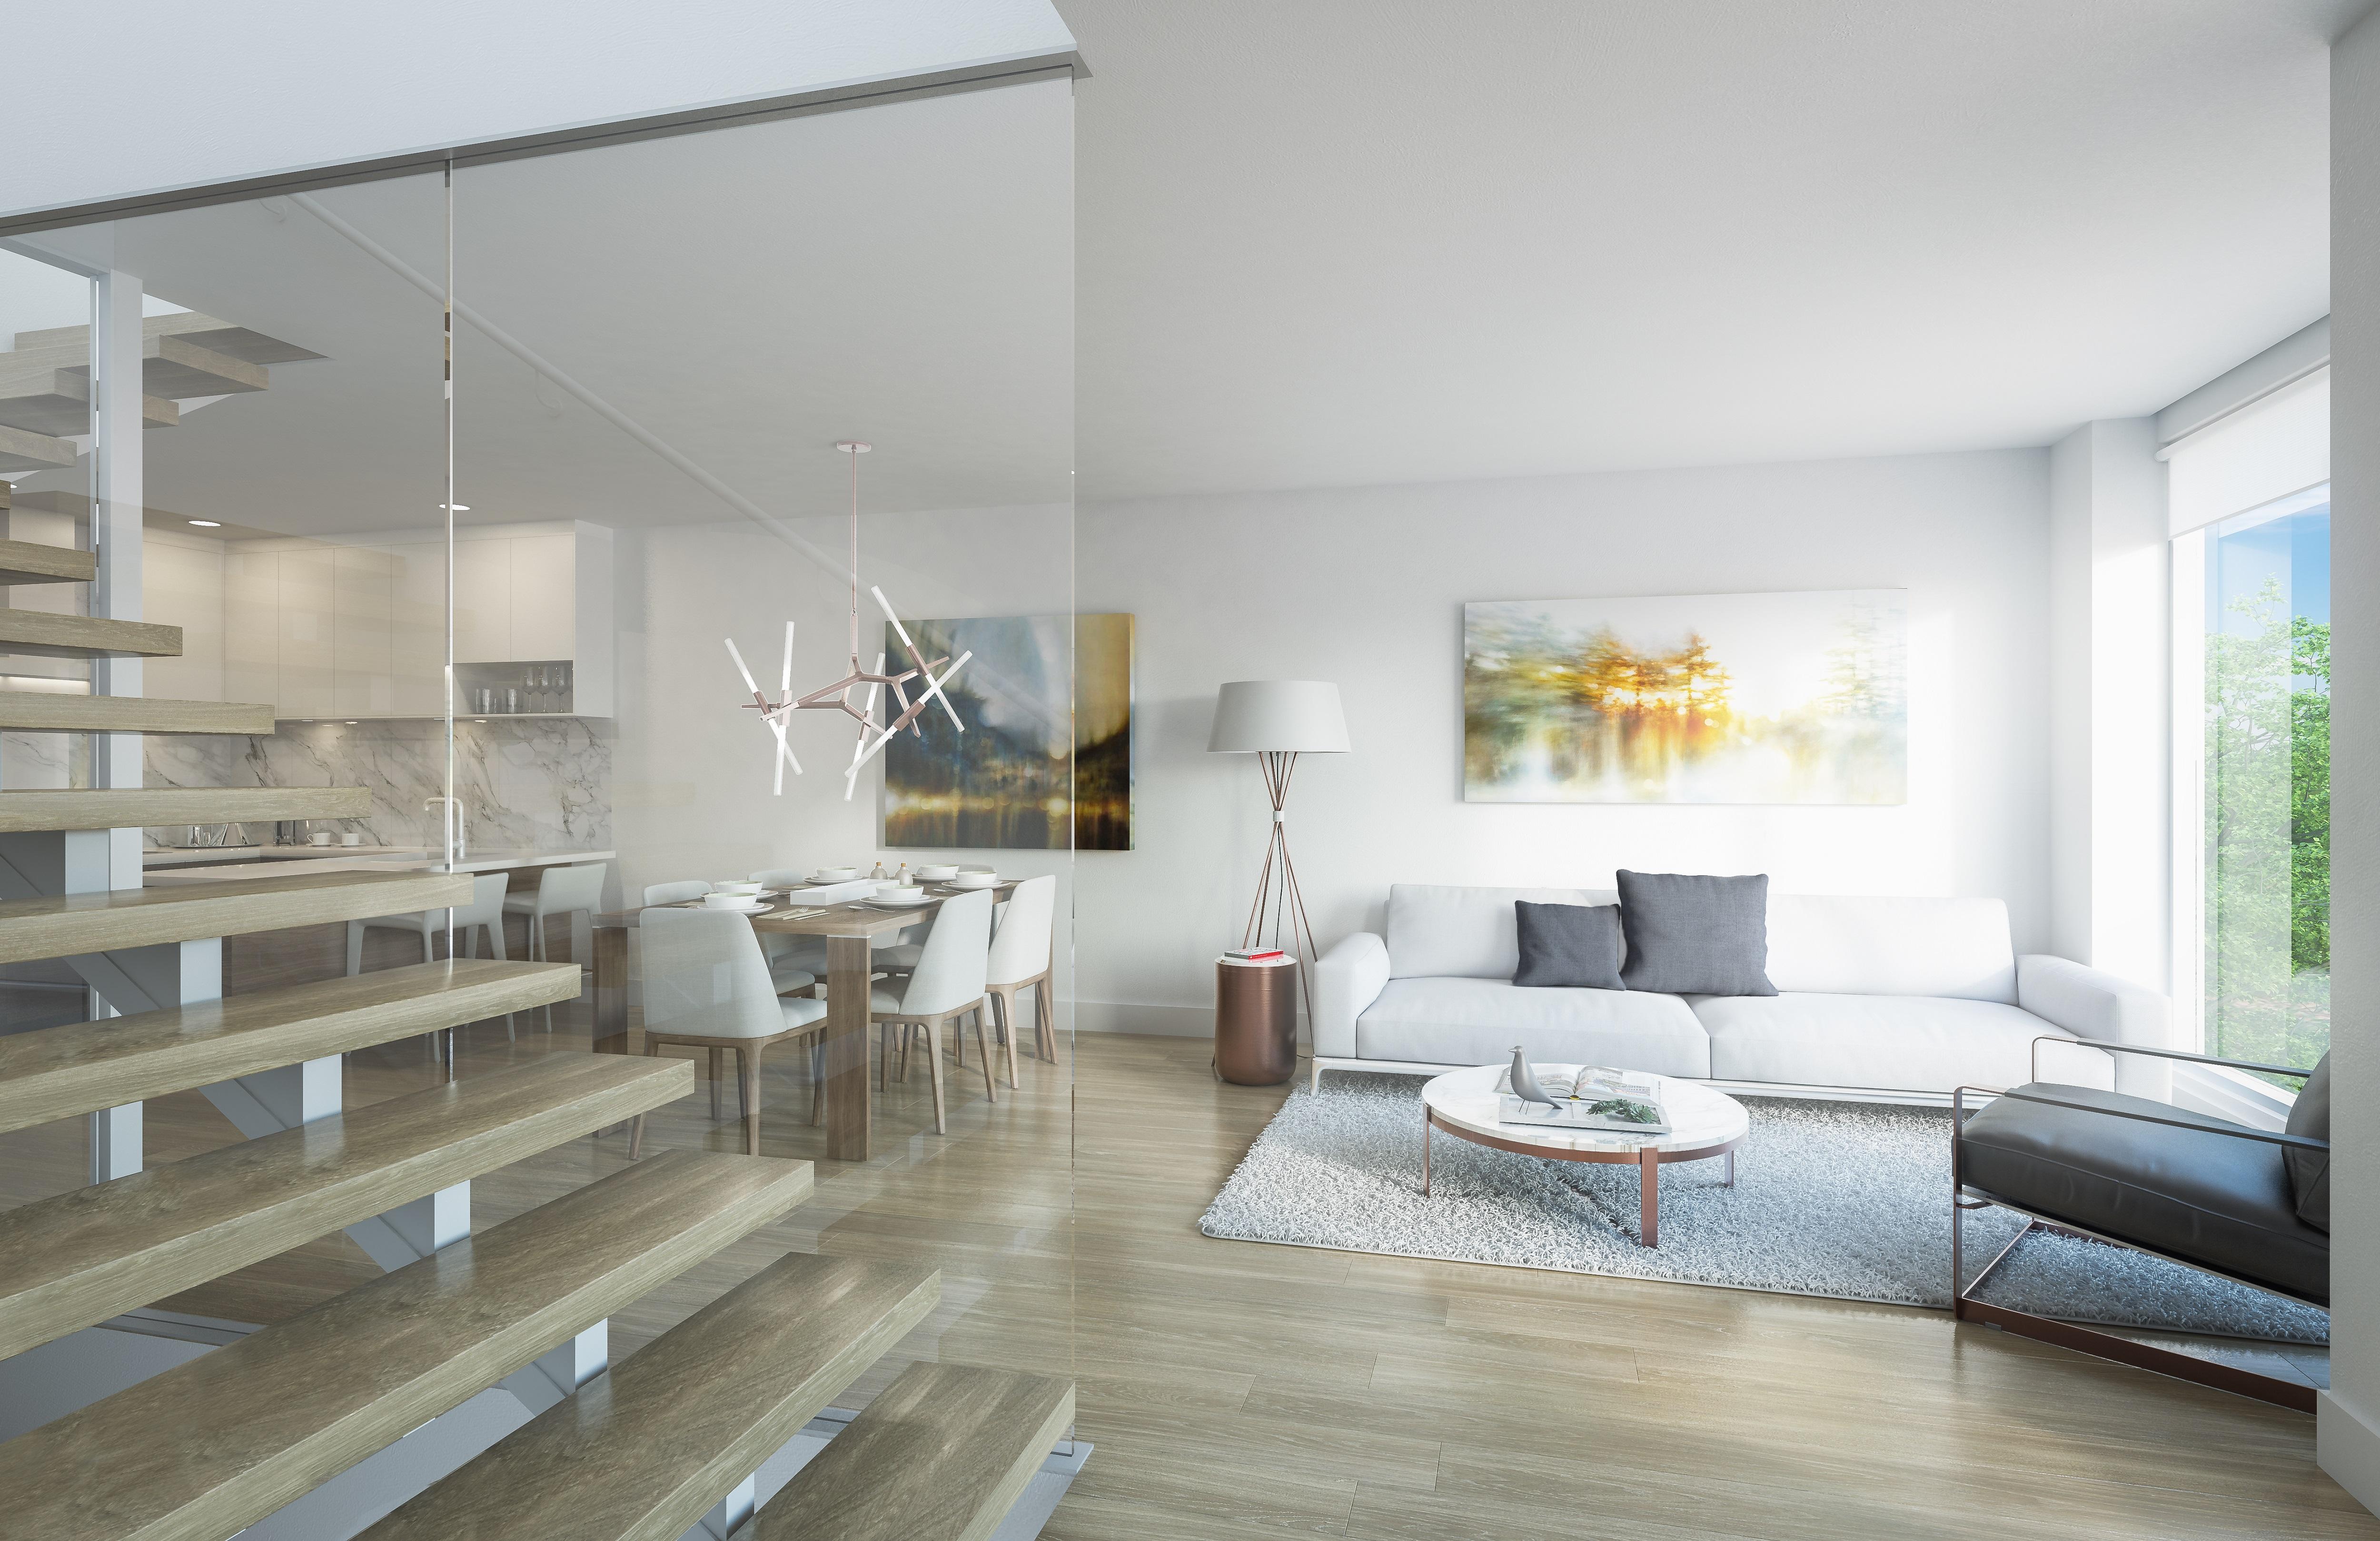 Evolv35 living room concept design by I.D. Lab.